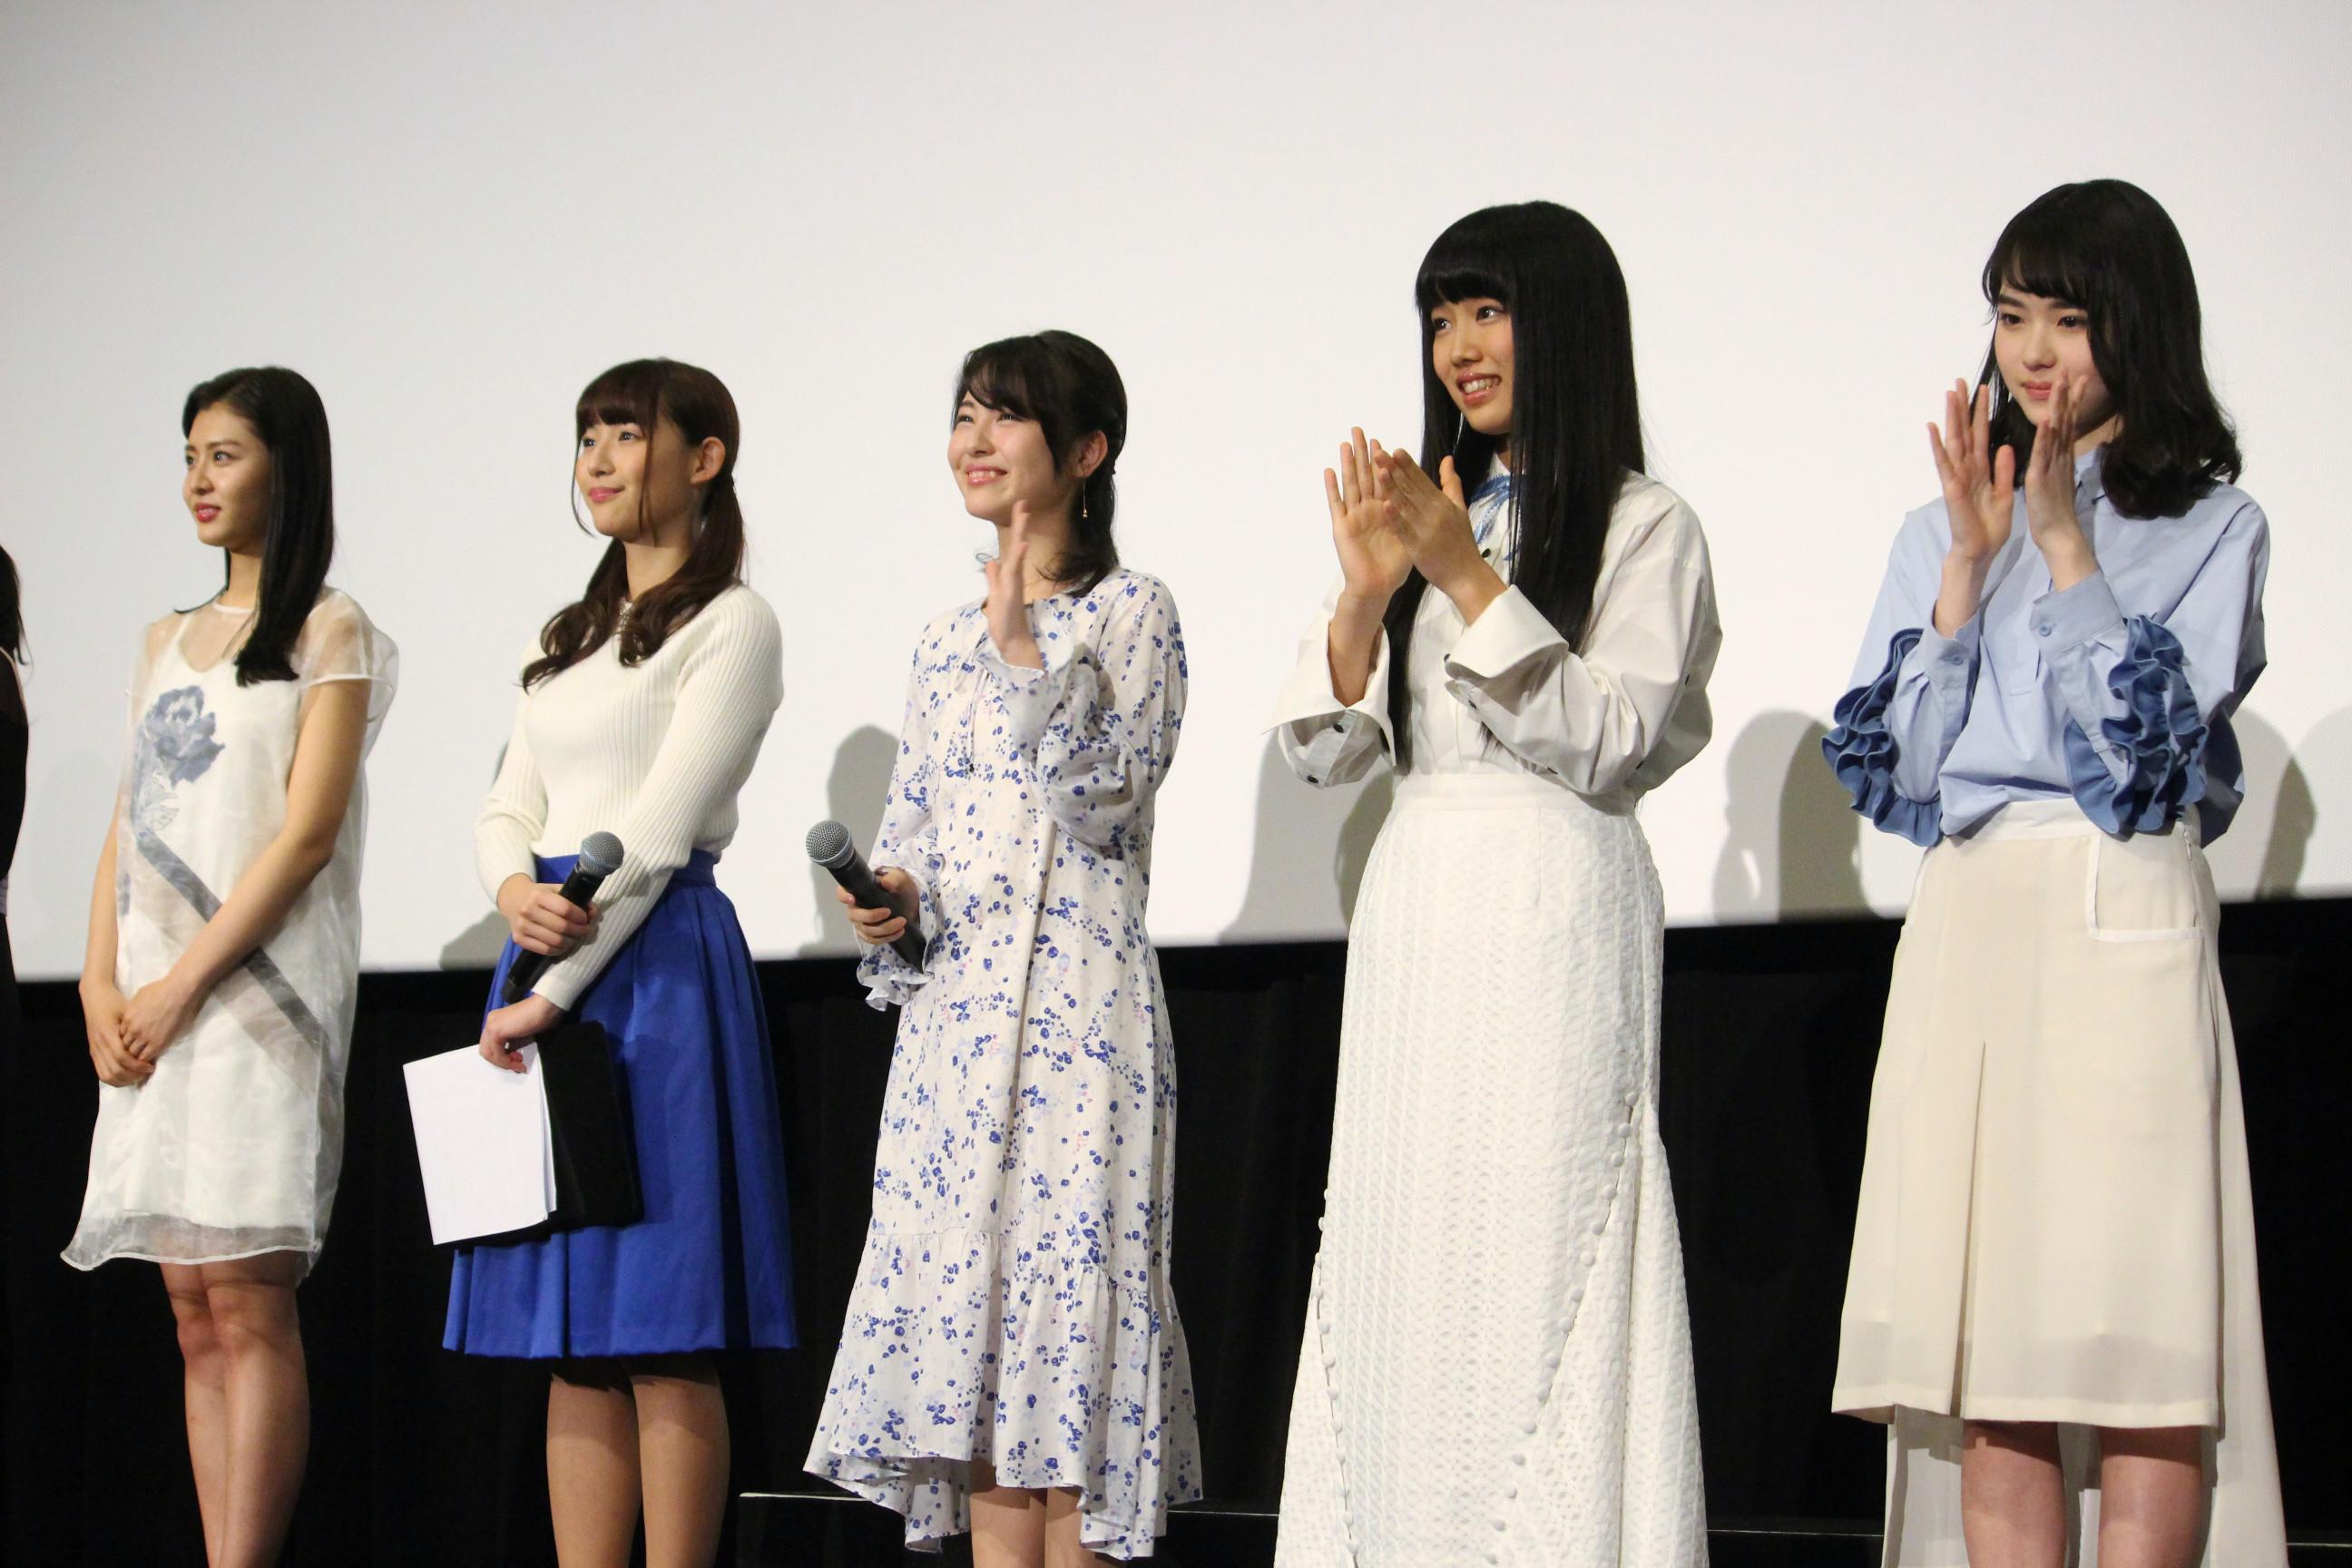 左から、古畑星夏、浅川梨奈、浜辺美波、廣田あいか、山田杏奈